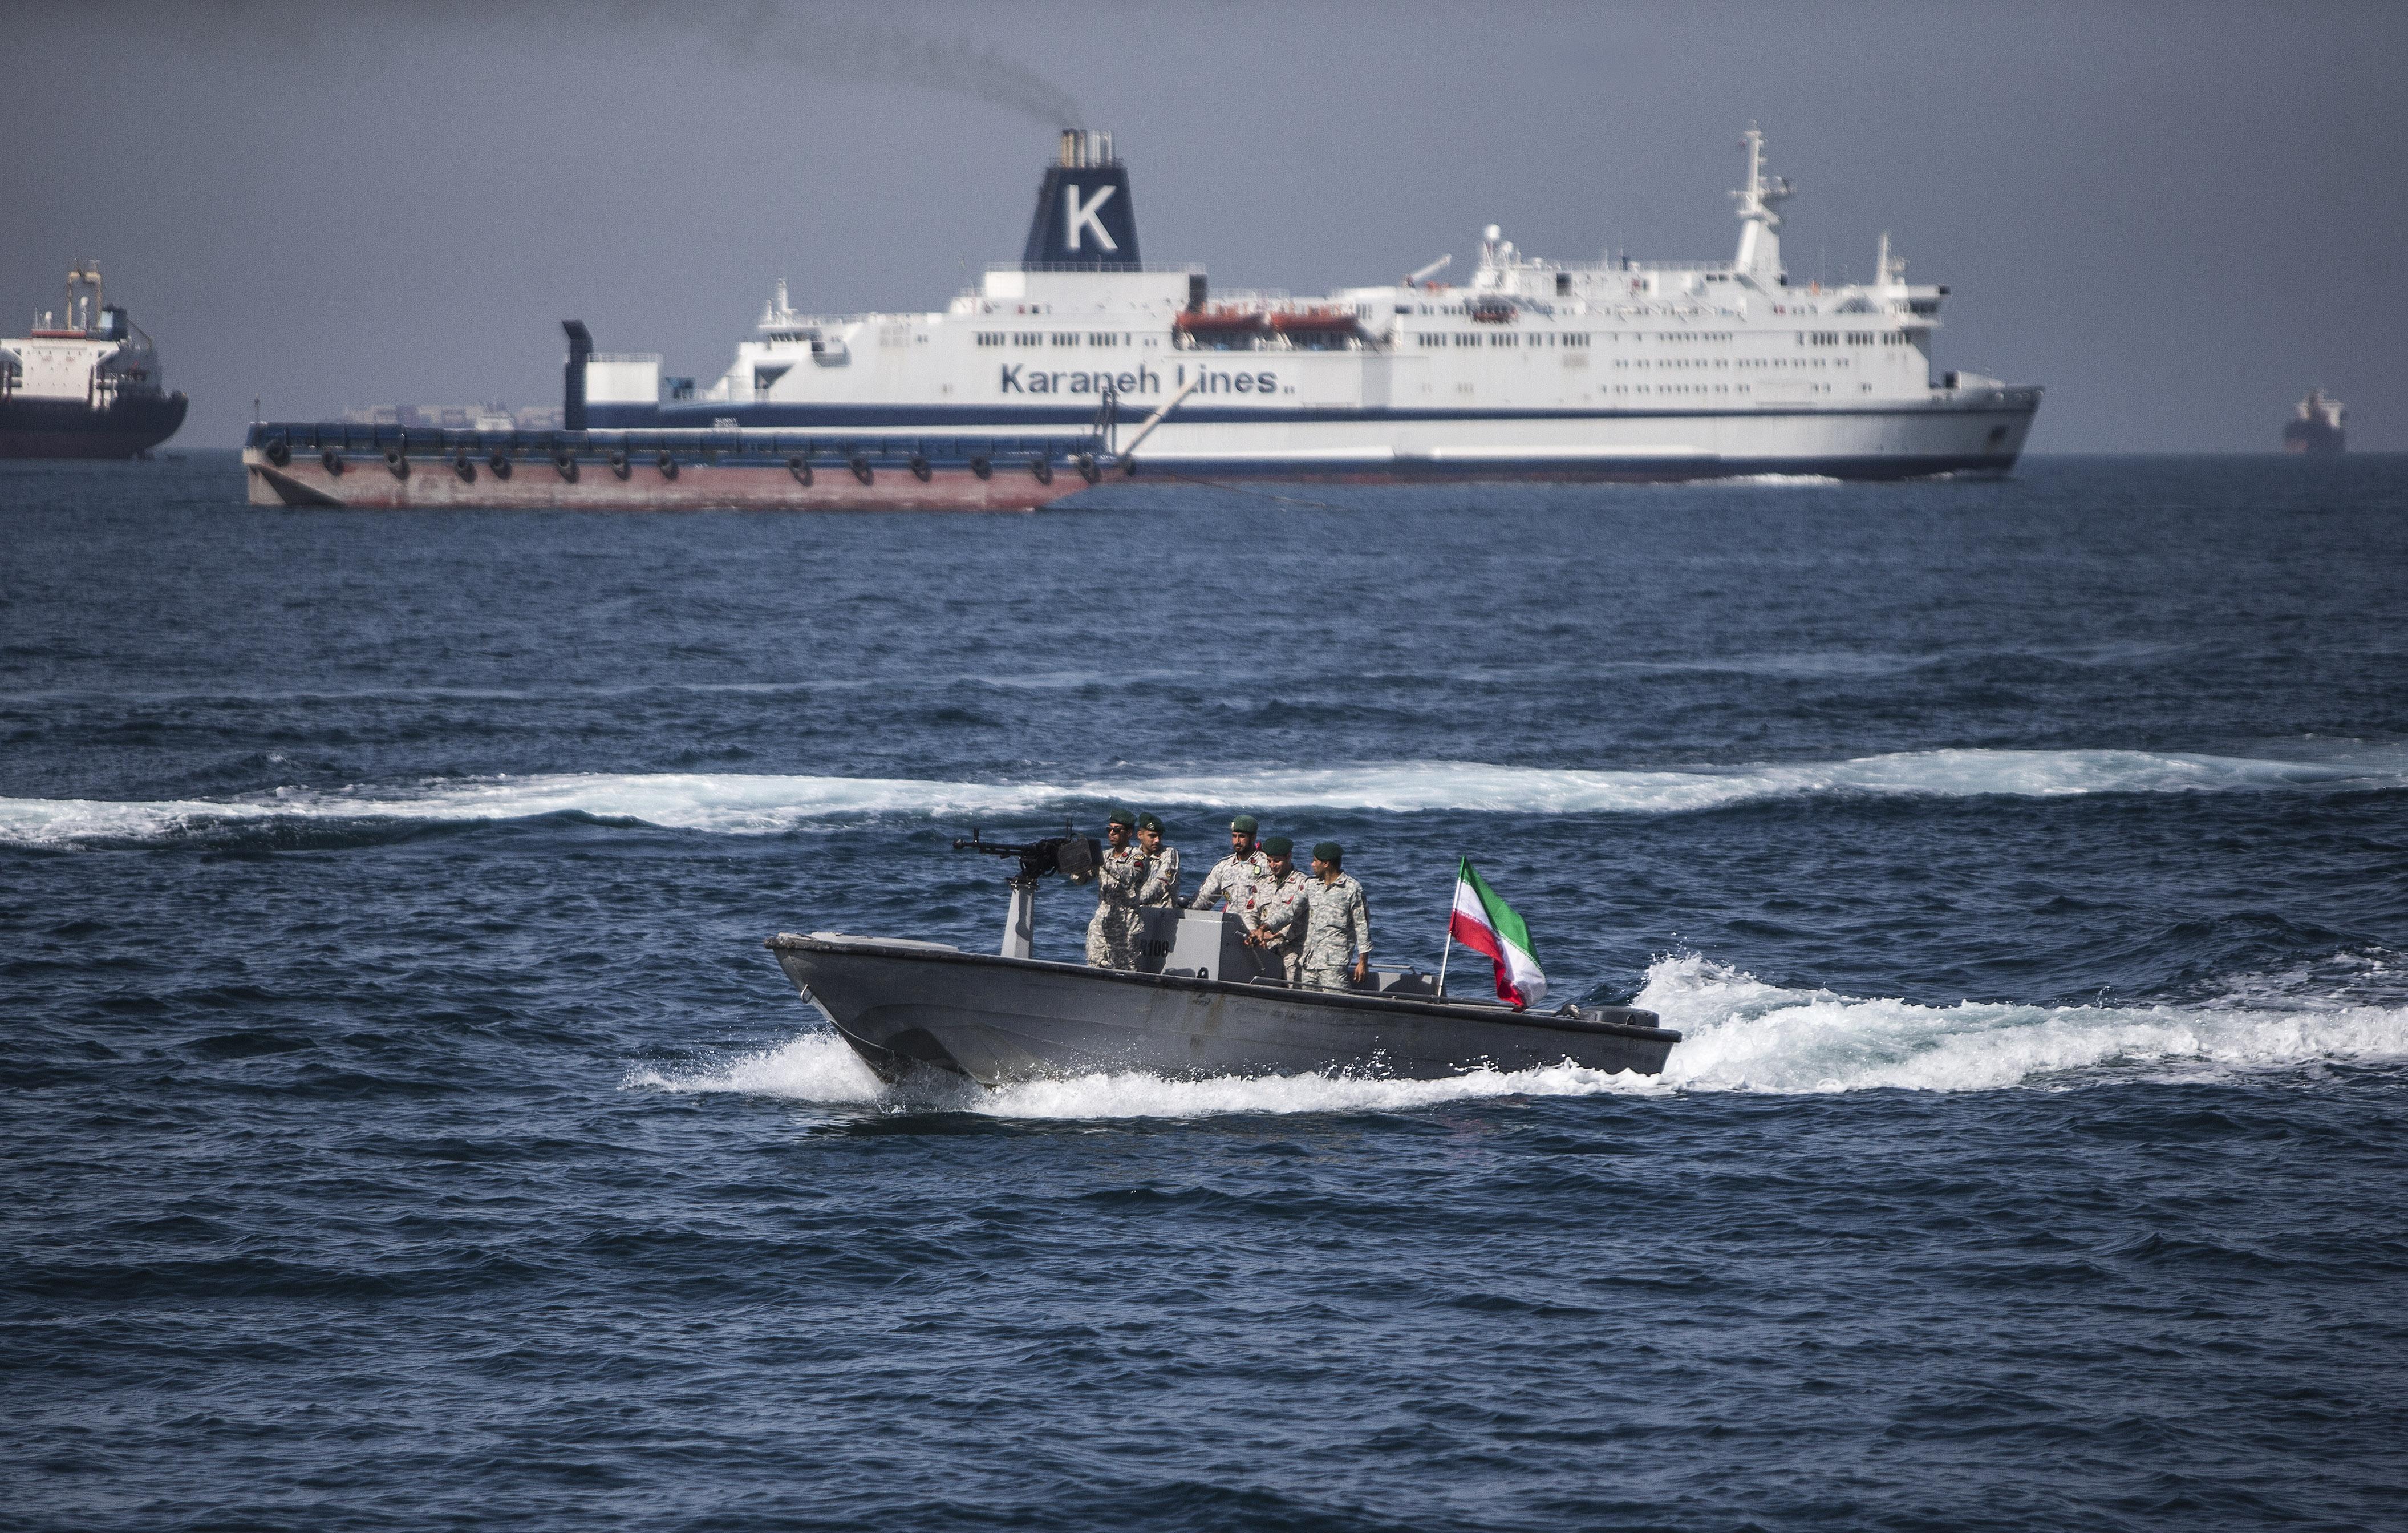 伊朗扣了英国籍油轮,正中美国下怀?